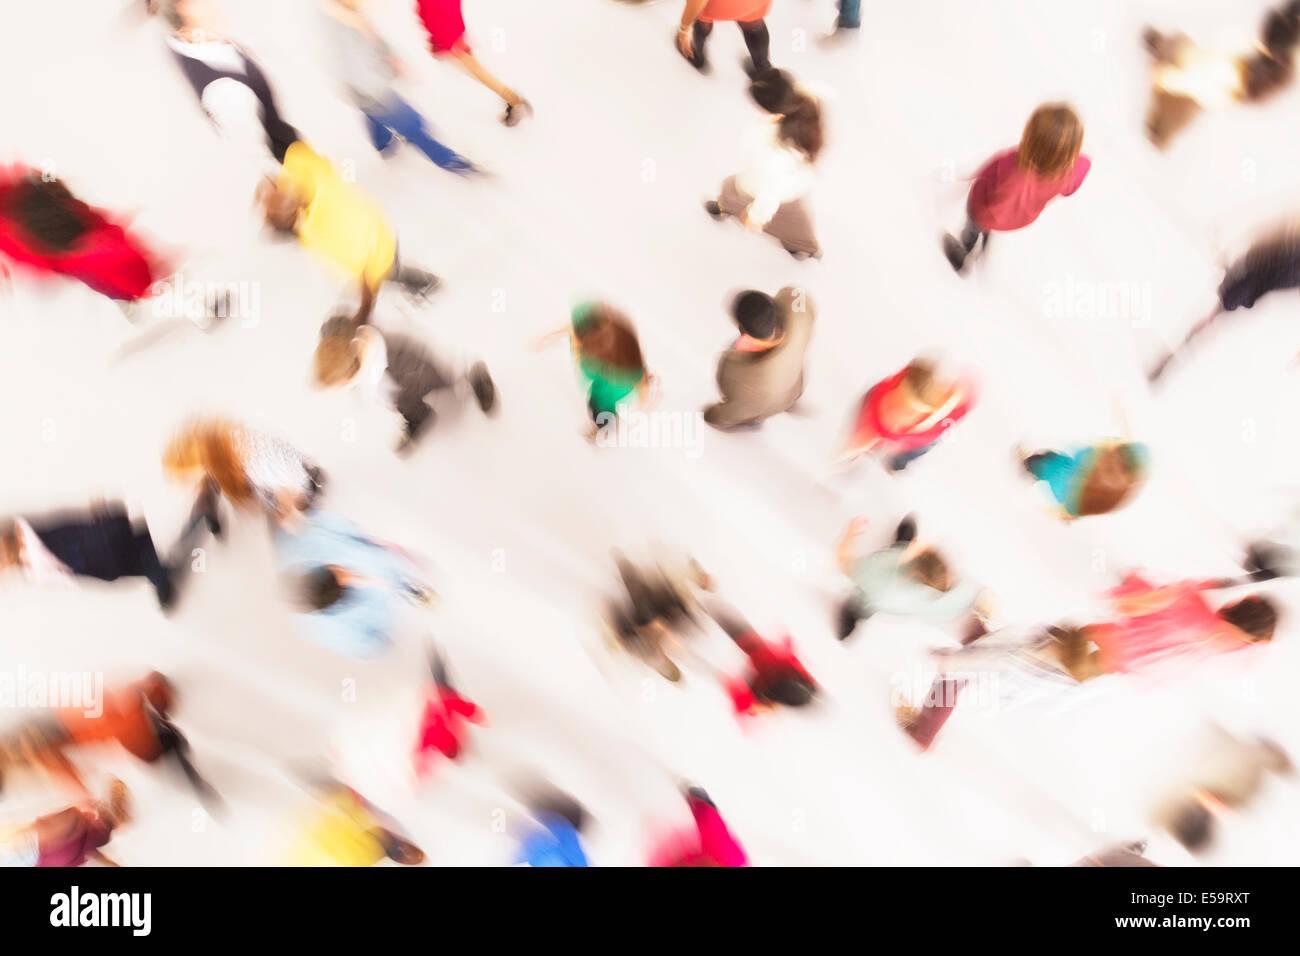 Les personnes en déplacement d'affaires Photo Stock